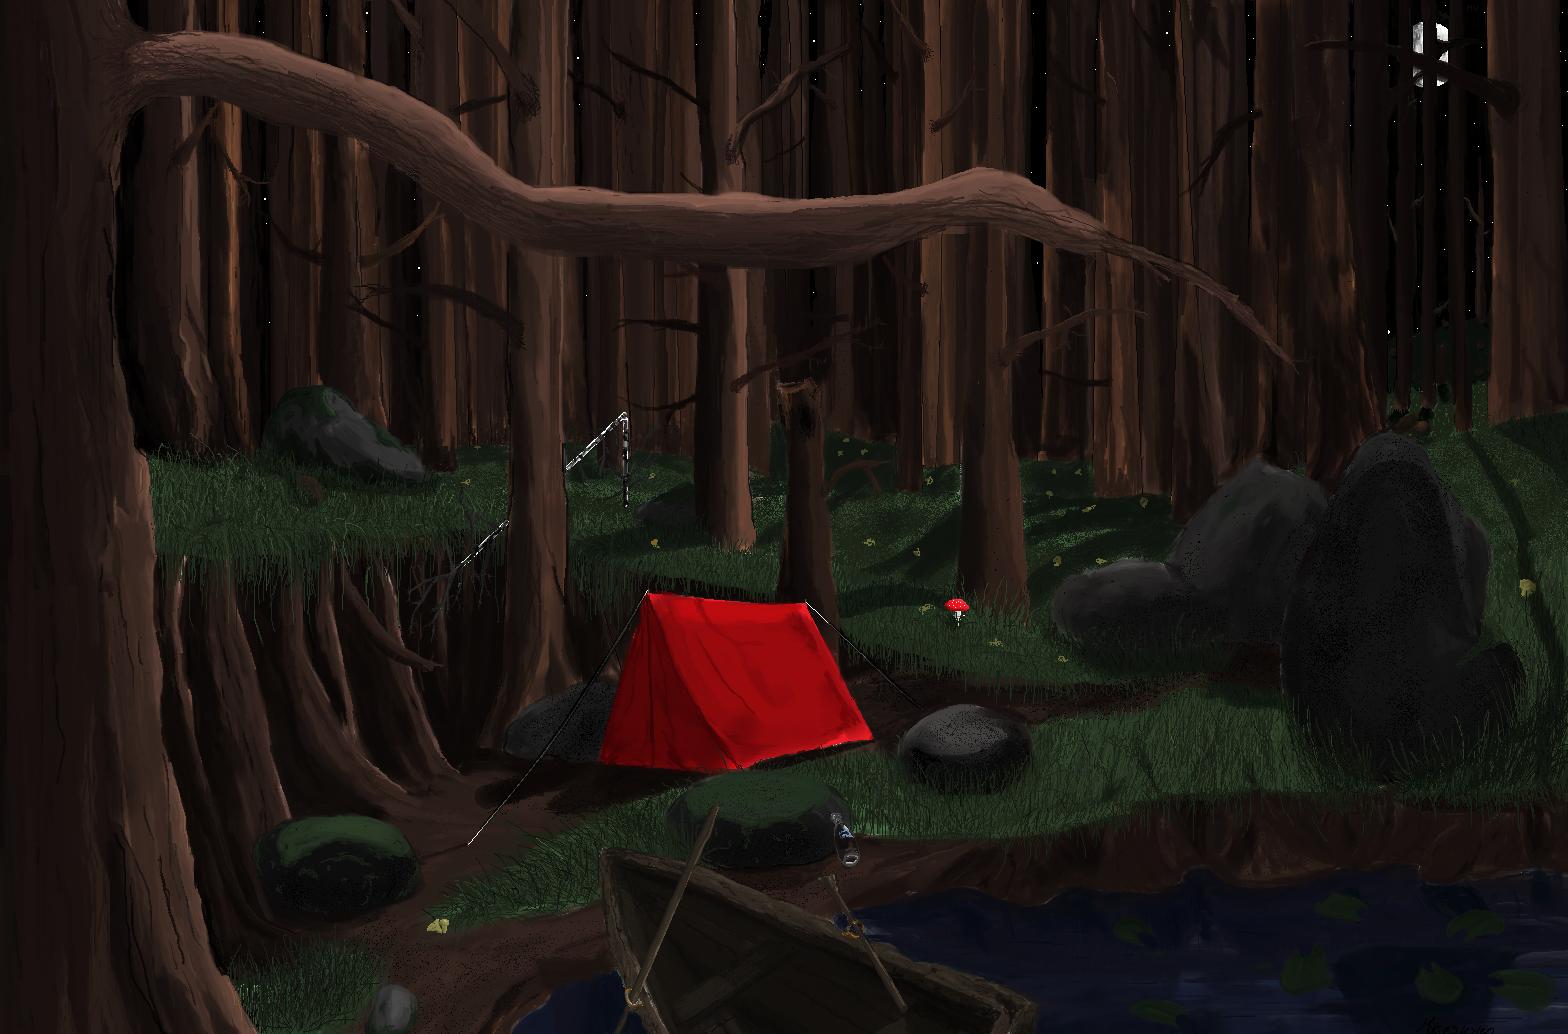 Paint Forest